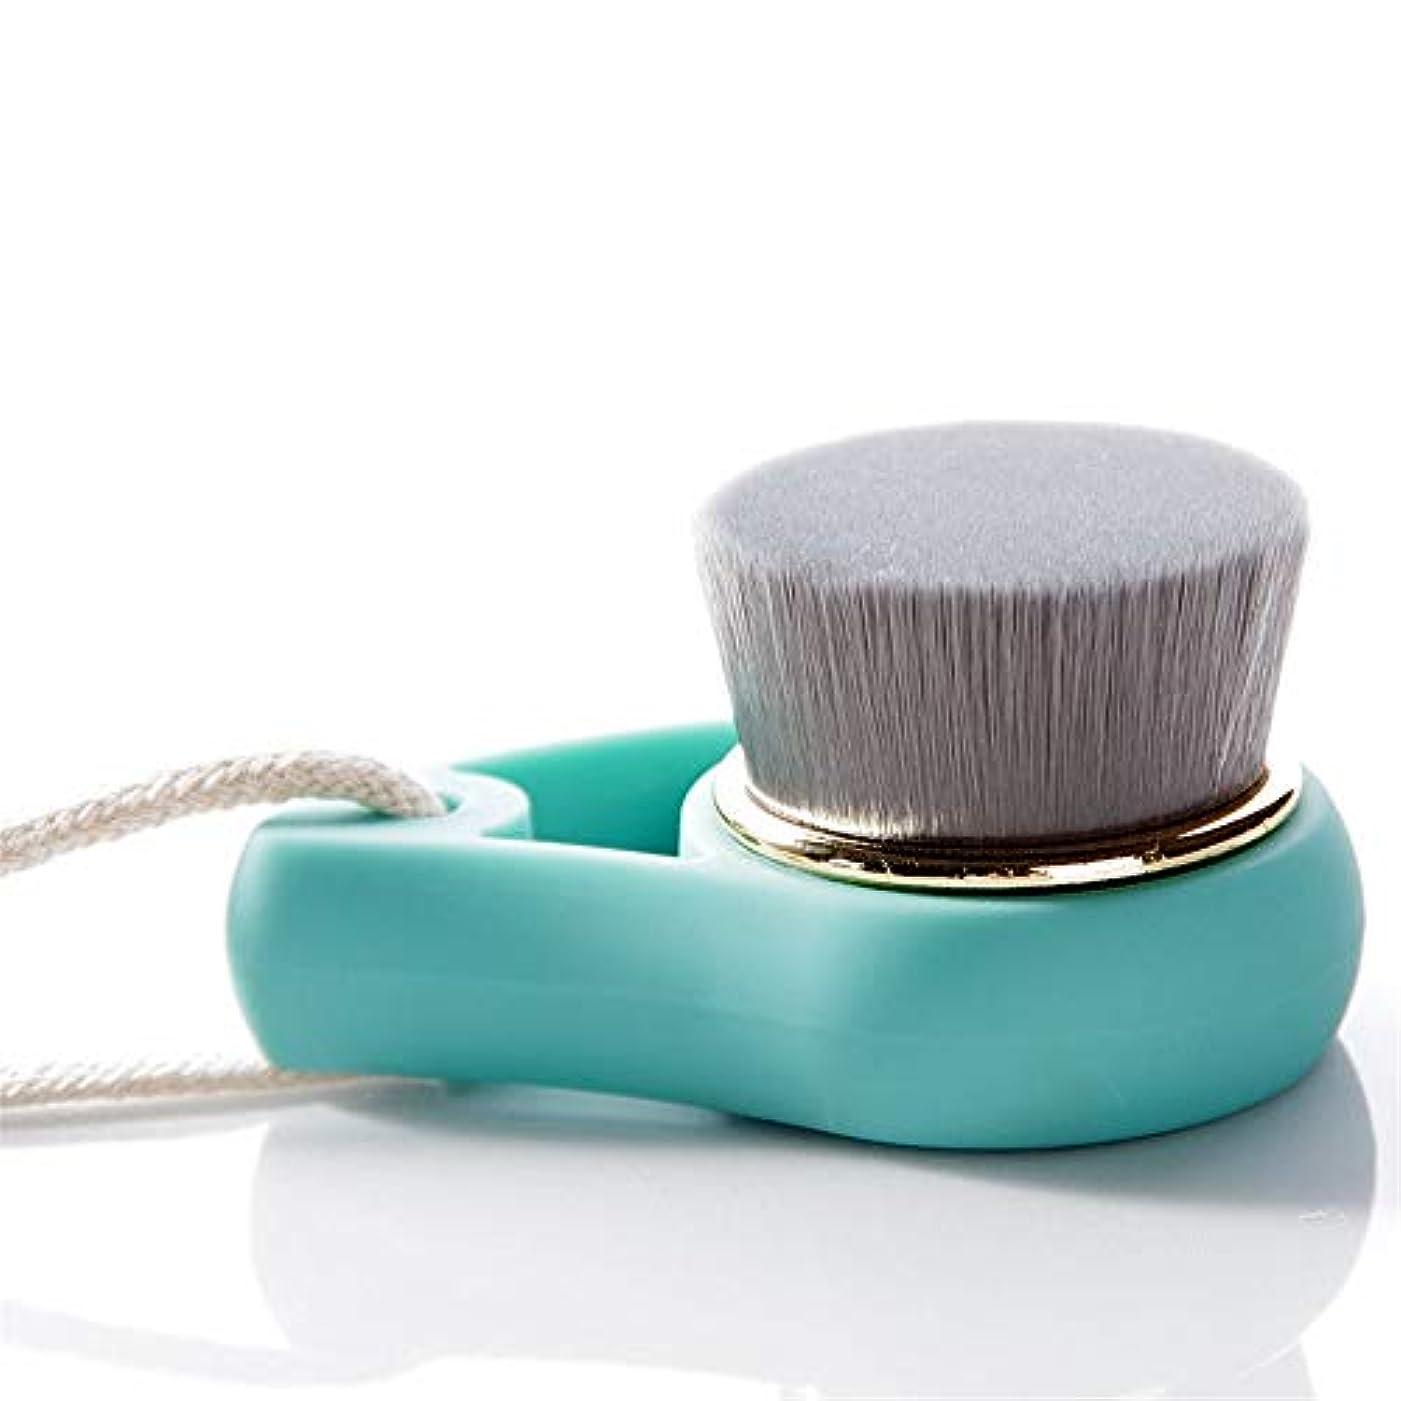 可能性感情のお風呂を持っている洗顔ブラシ ソフト剛毛フェイスクリーニング美容ブラシ女性のクレンジングブラシ ディープクレンジングスキンケア用